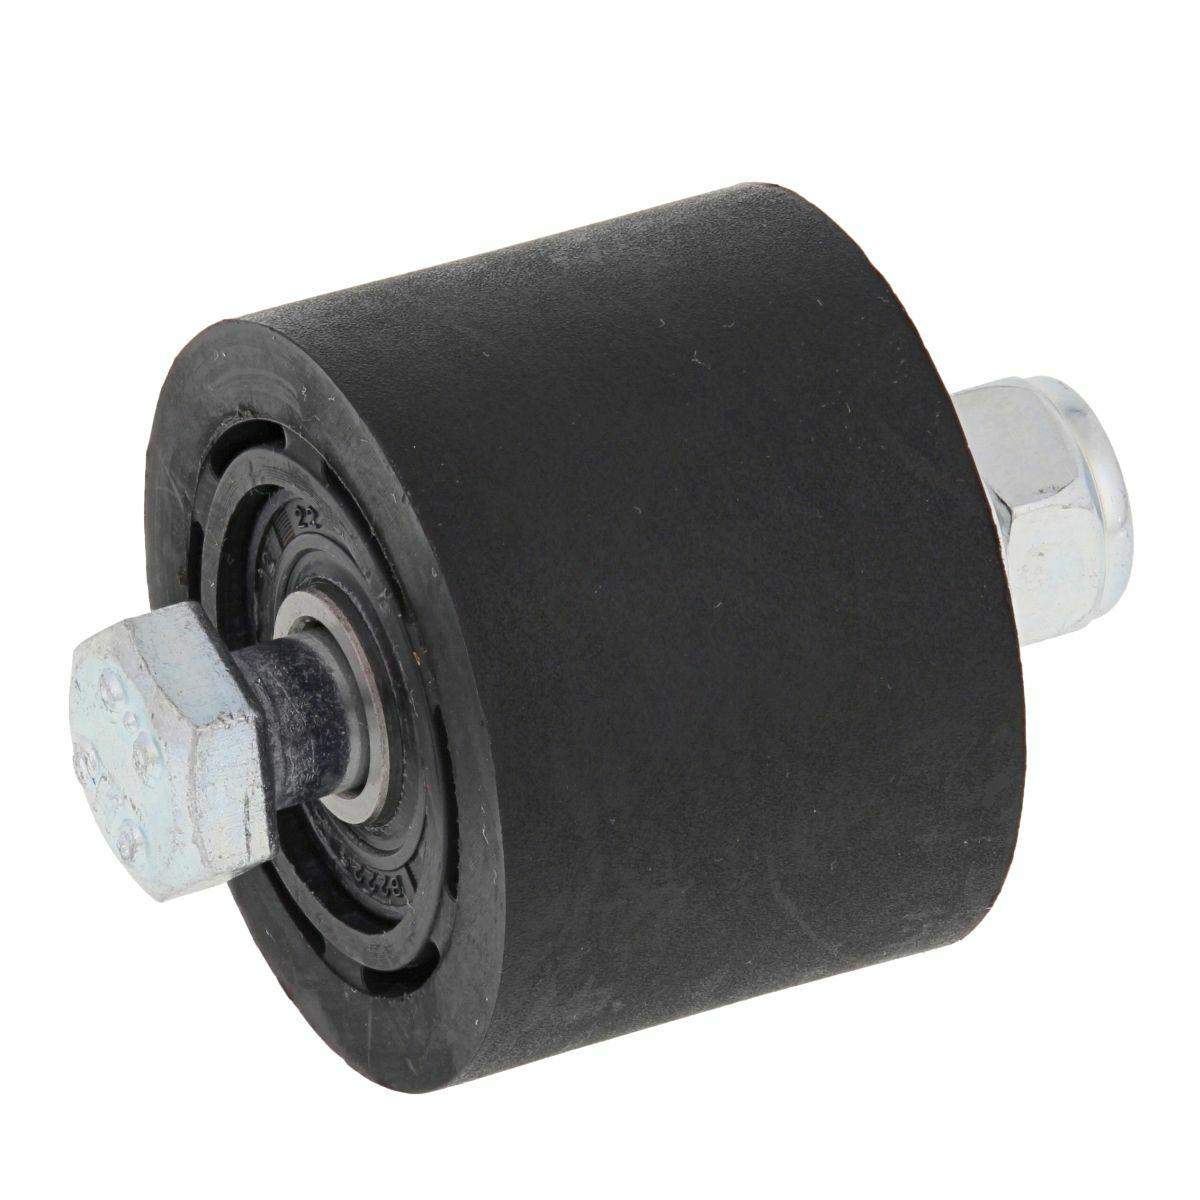 Obrázek produktu Kladka řetezu All Balls Racing 38mm čirá barva 79-5002-3